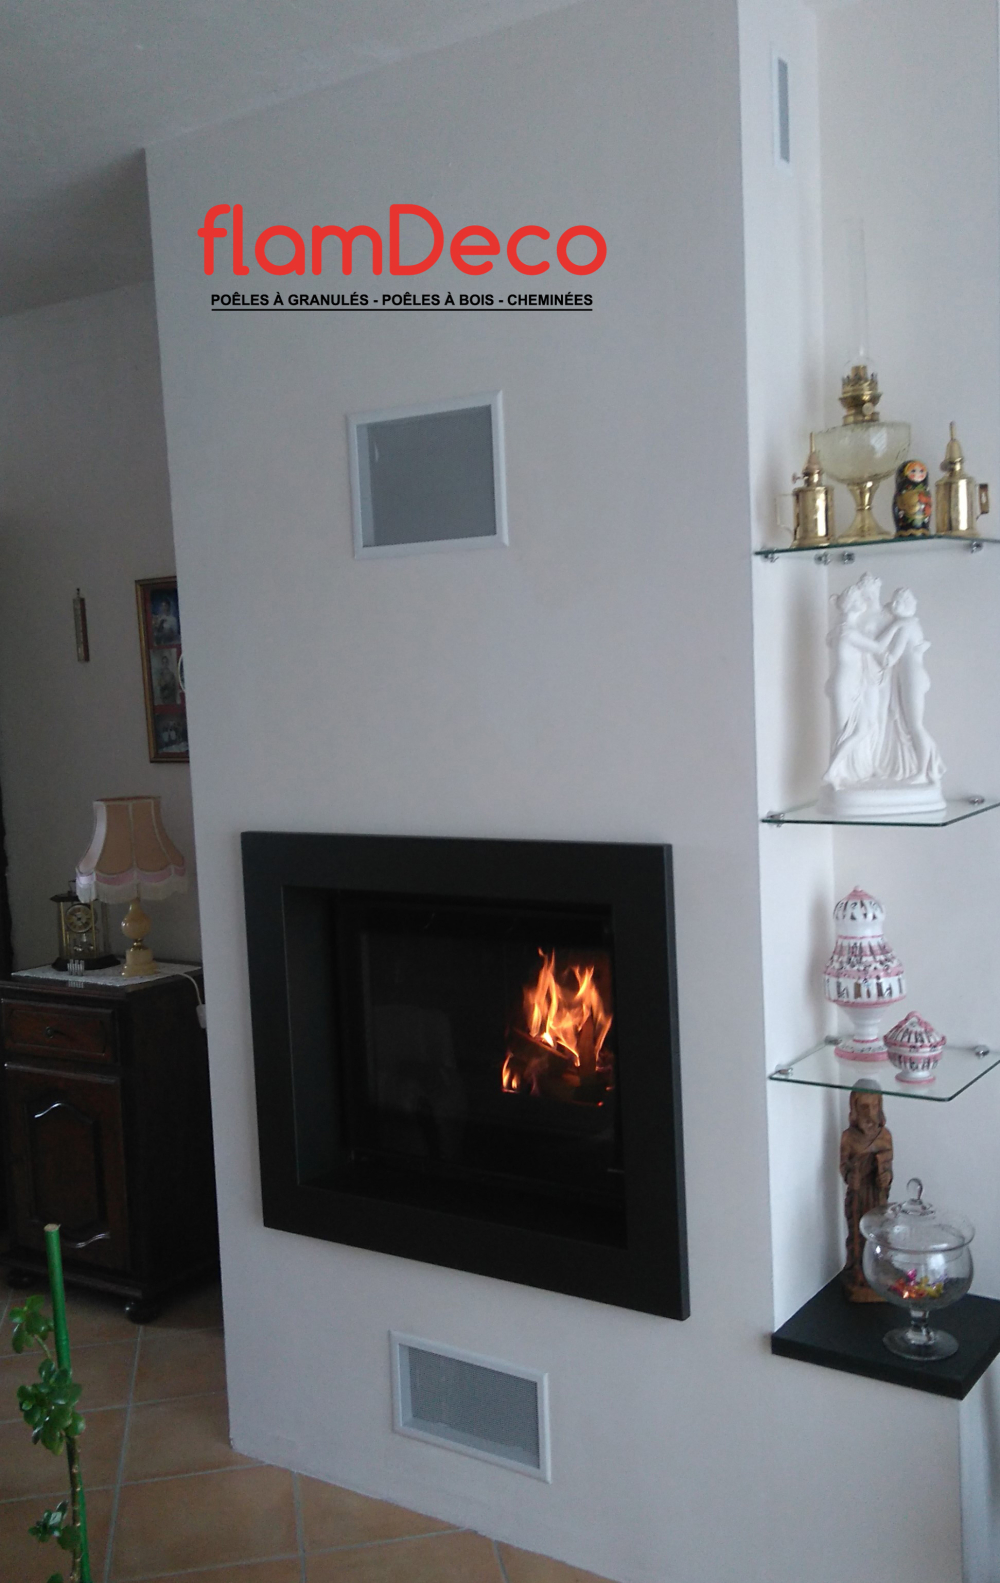 Comment Installer Un Poele A Granule Dans Une Cheminee cheminées - flamdeco à laval mayenne 53